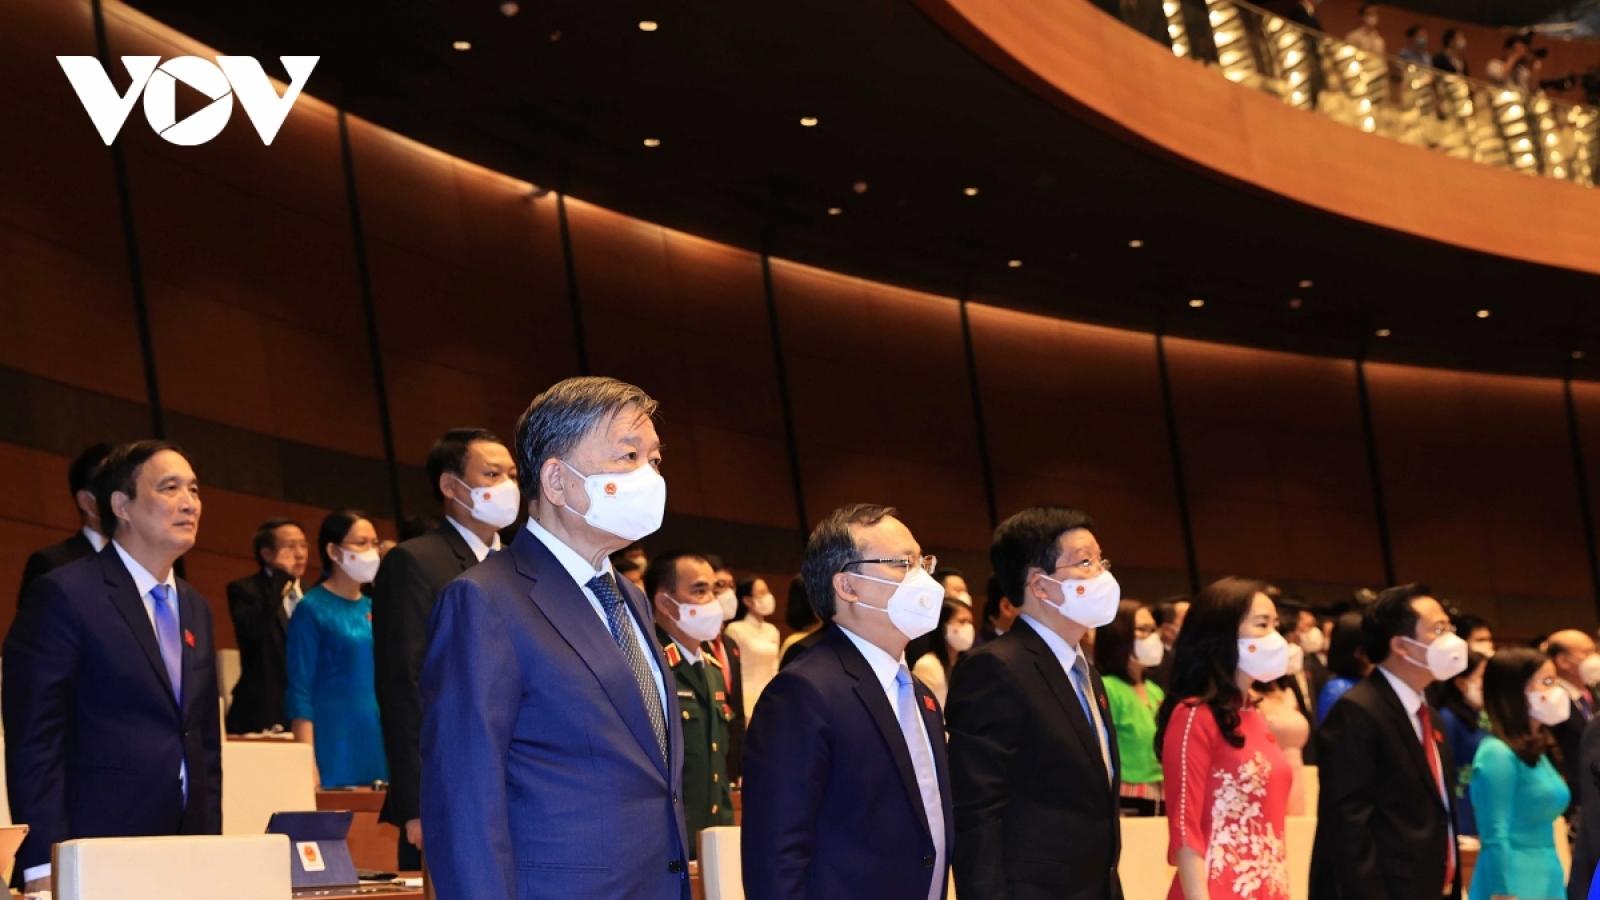 Đảng Đoàn Quốc hội thảo luận chuyên đề về xây dựng Quốc hội chuyên nghiệp